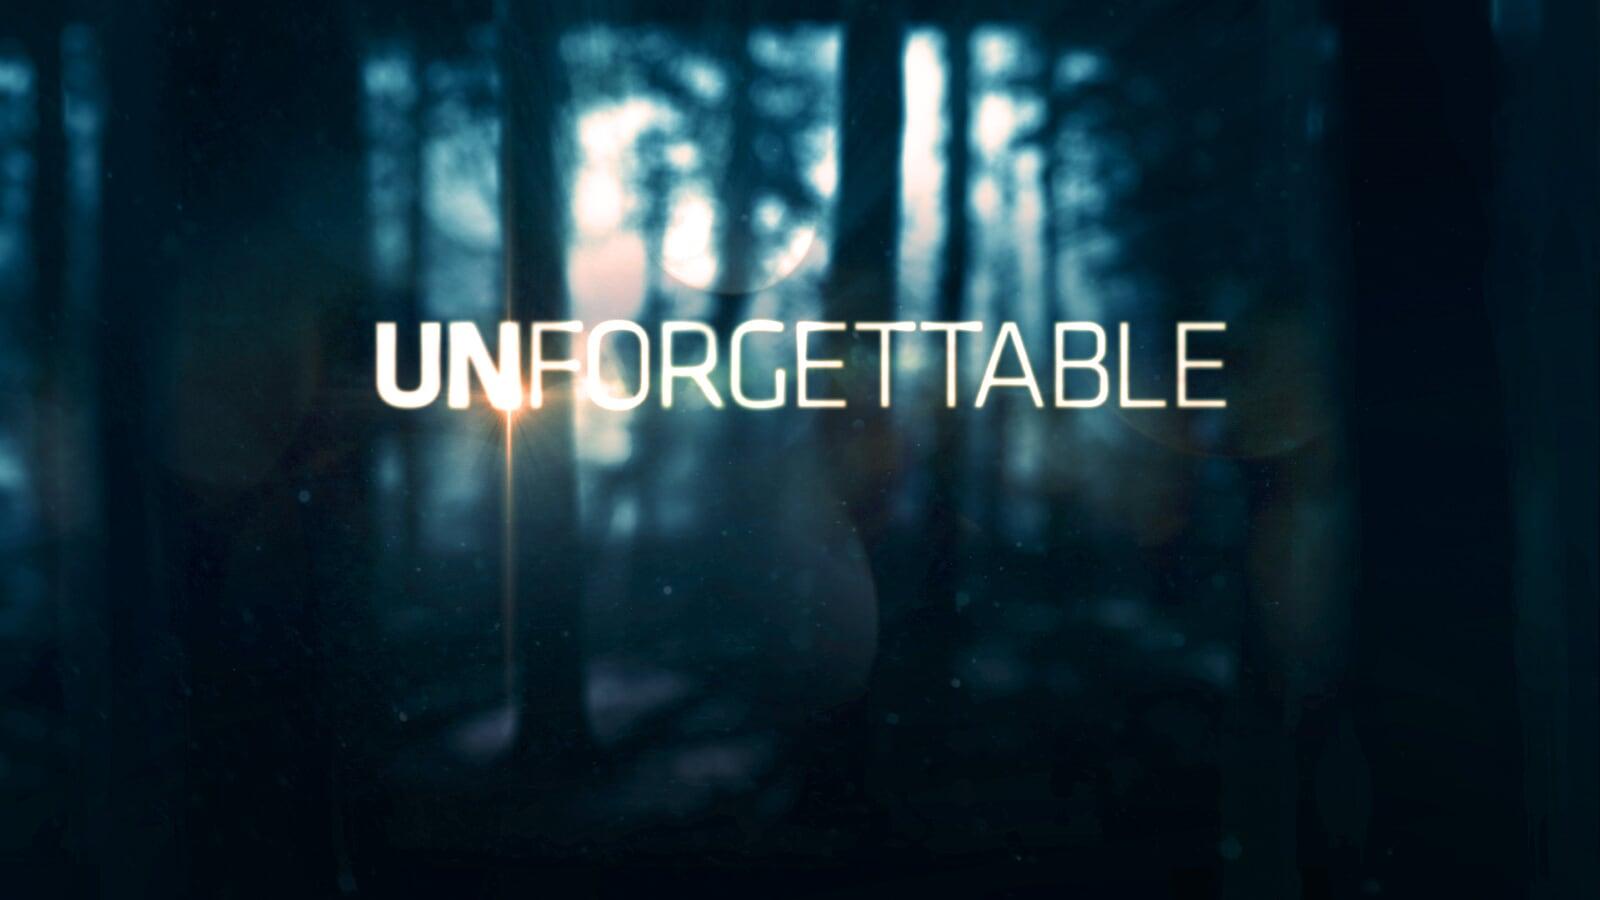 [影集] Unforgettable (2011~) Unforgettable_2